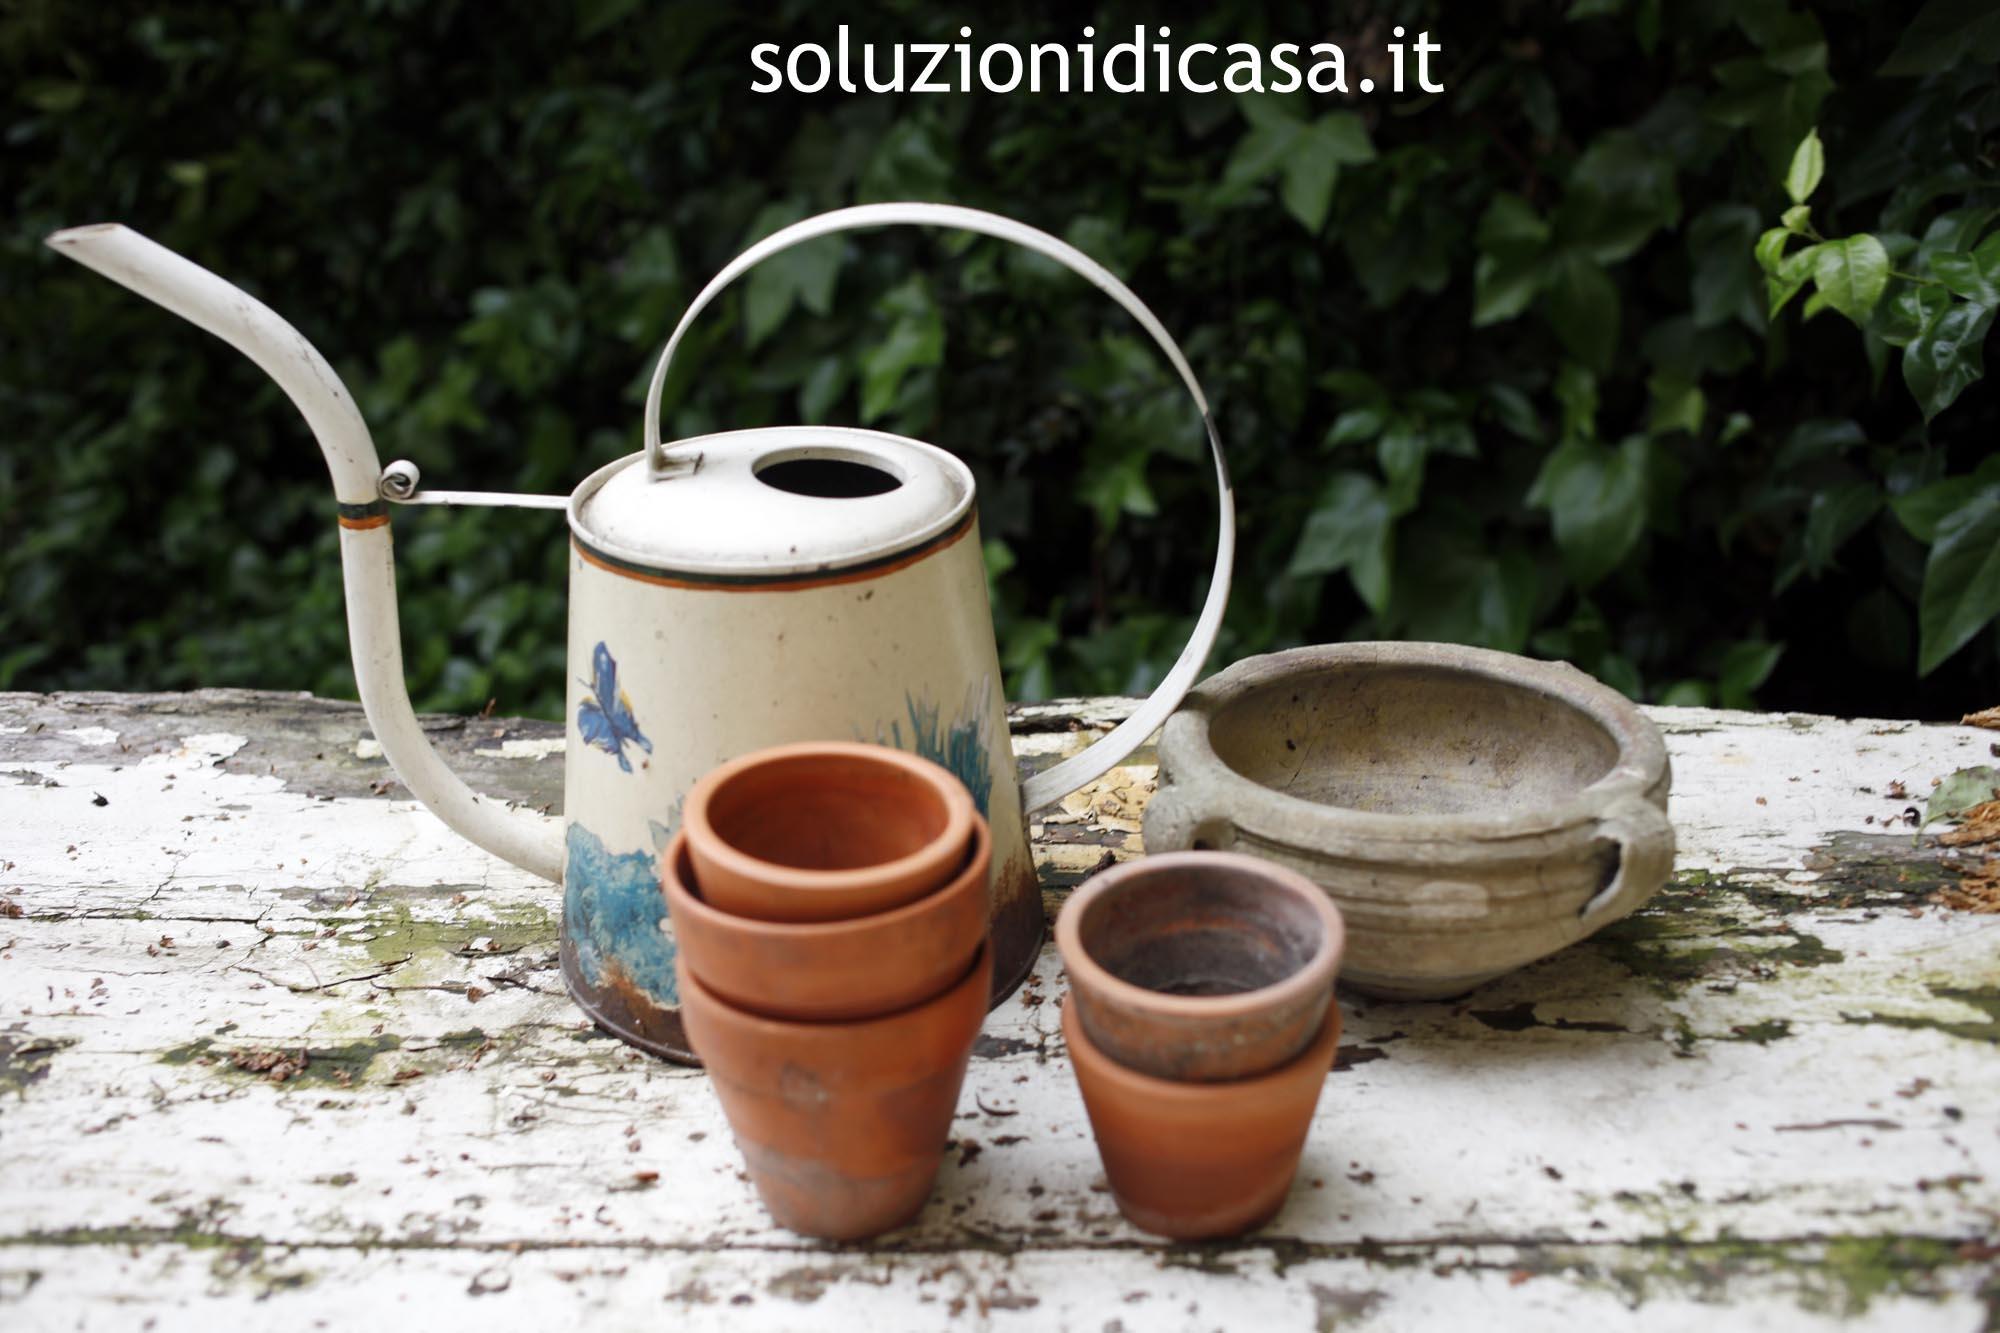 Come organizzare il tuo angolo di giardino soluzioni di casa - Organizzare il giardino ...